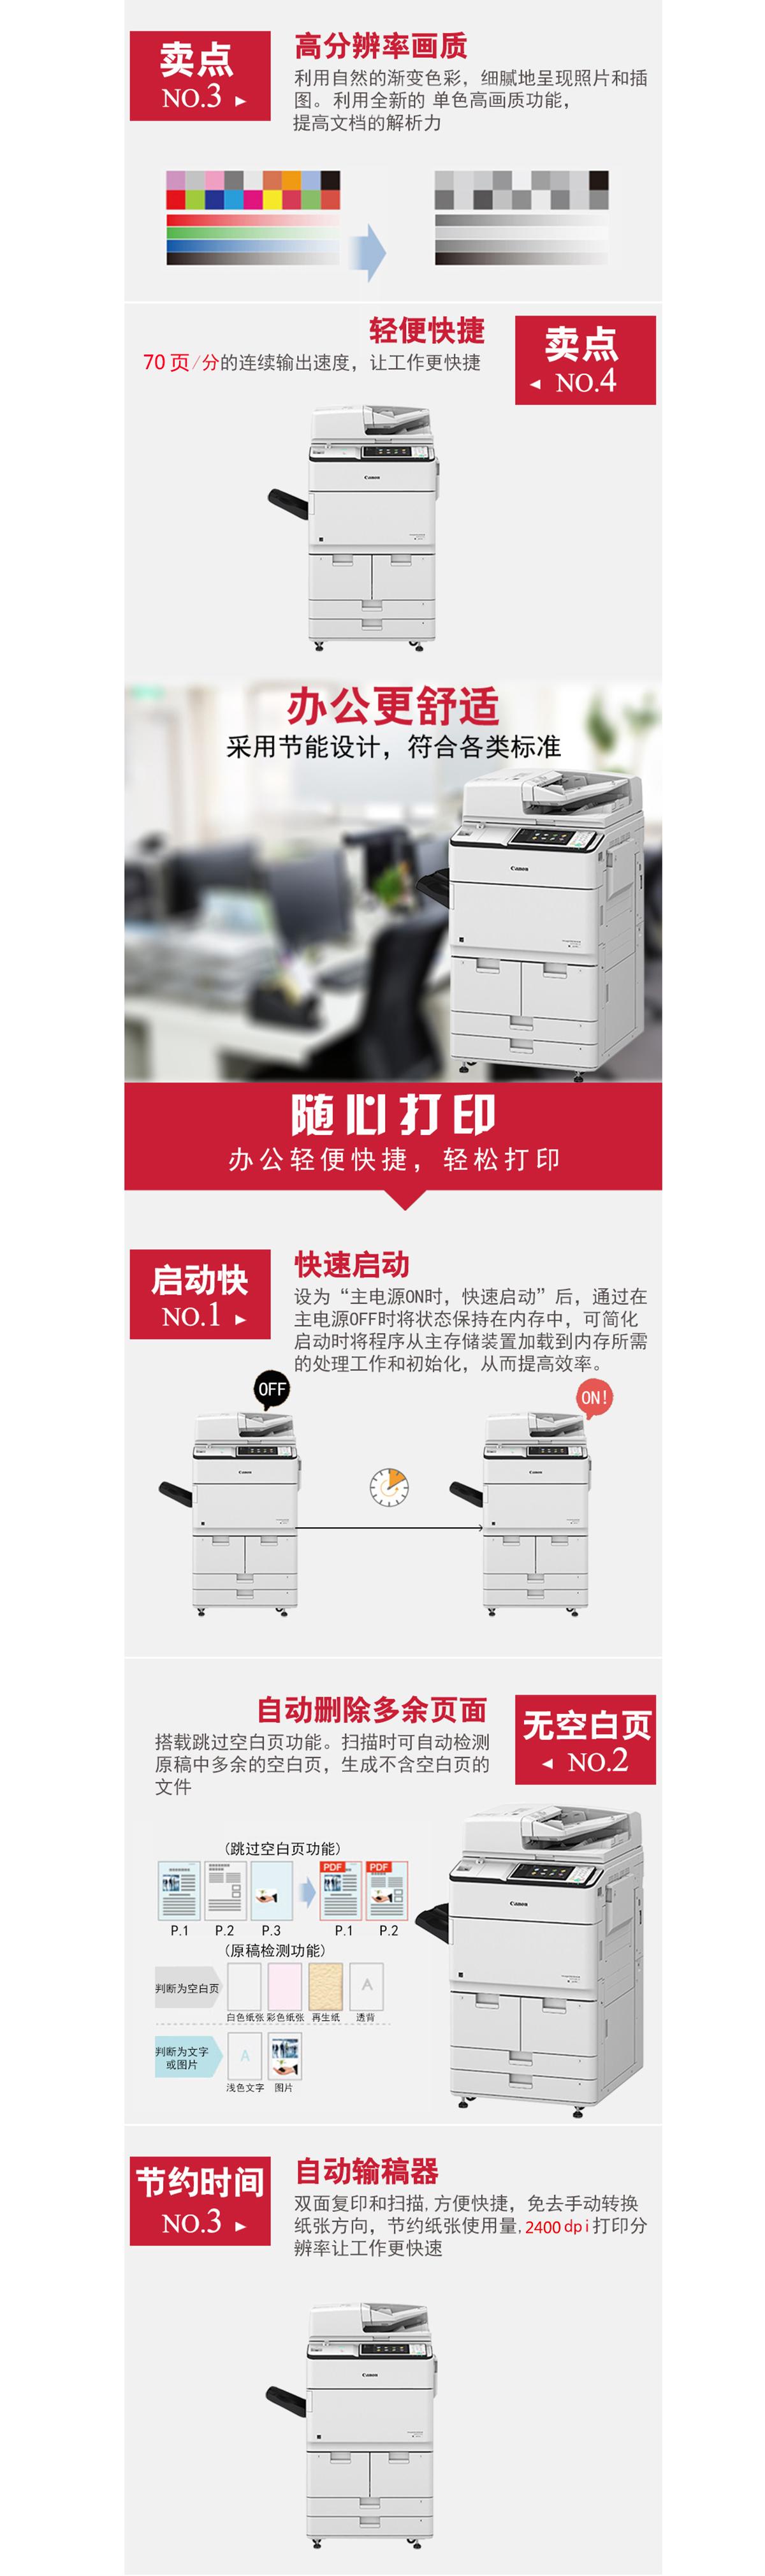 (全新机)IR-ADV C7570 佳能复合机A3A4彩色激光网络打印扫描一体机(打印/复印/网络扫描)(图2)